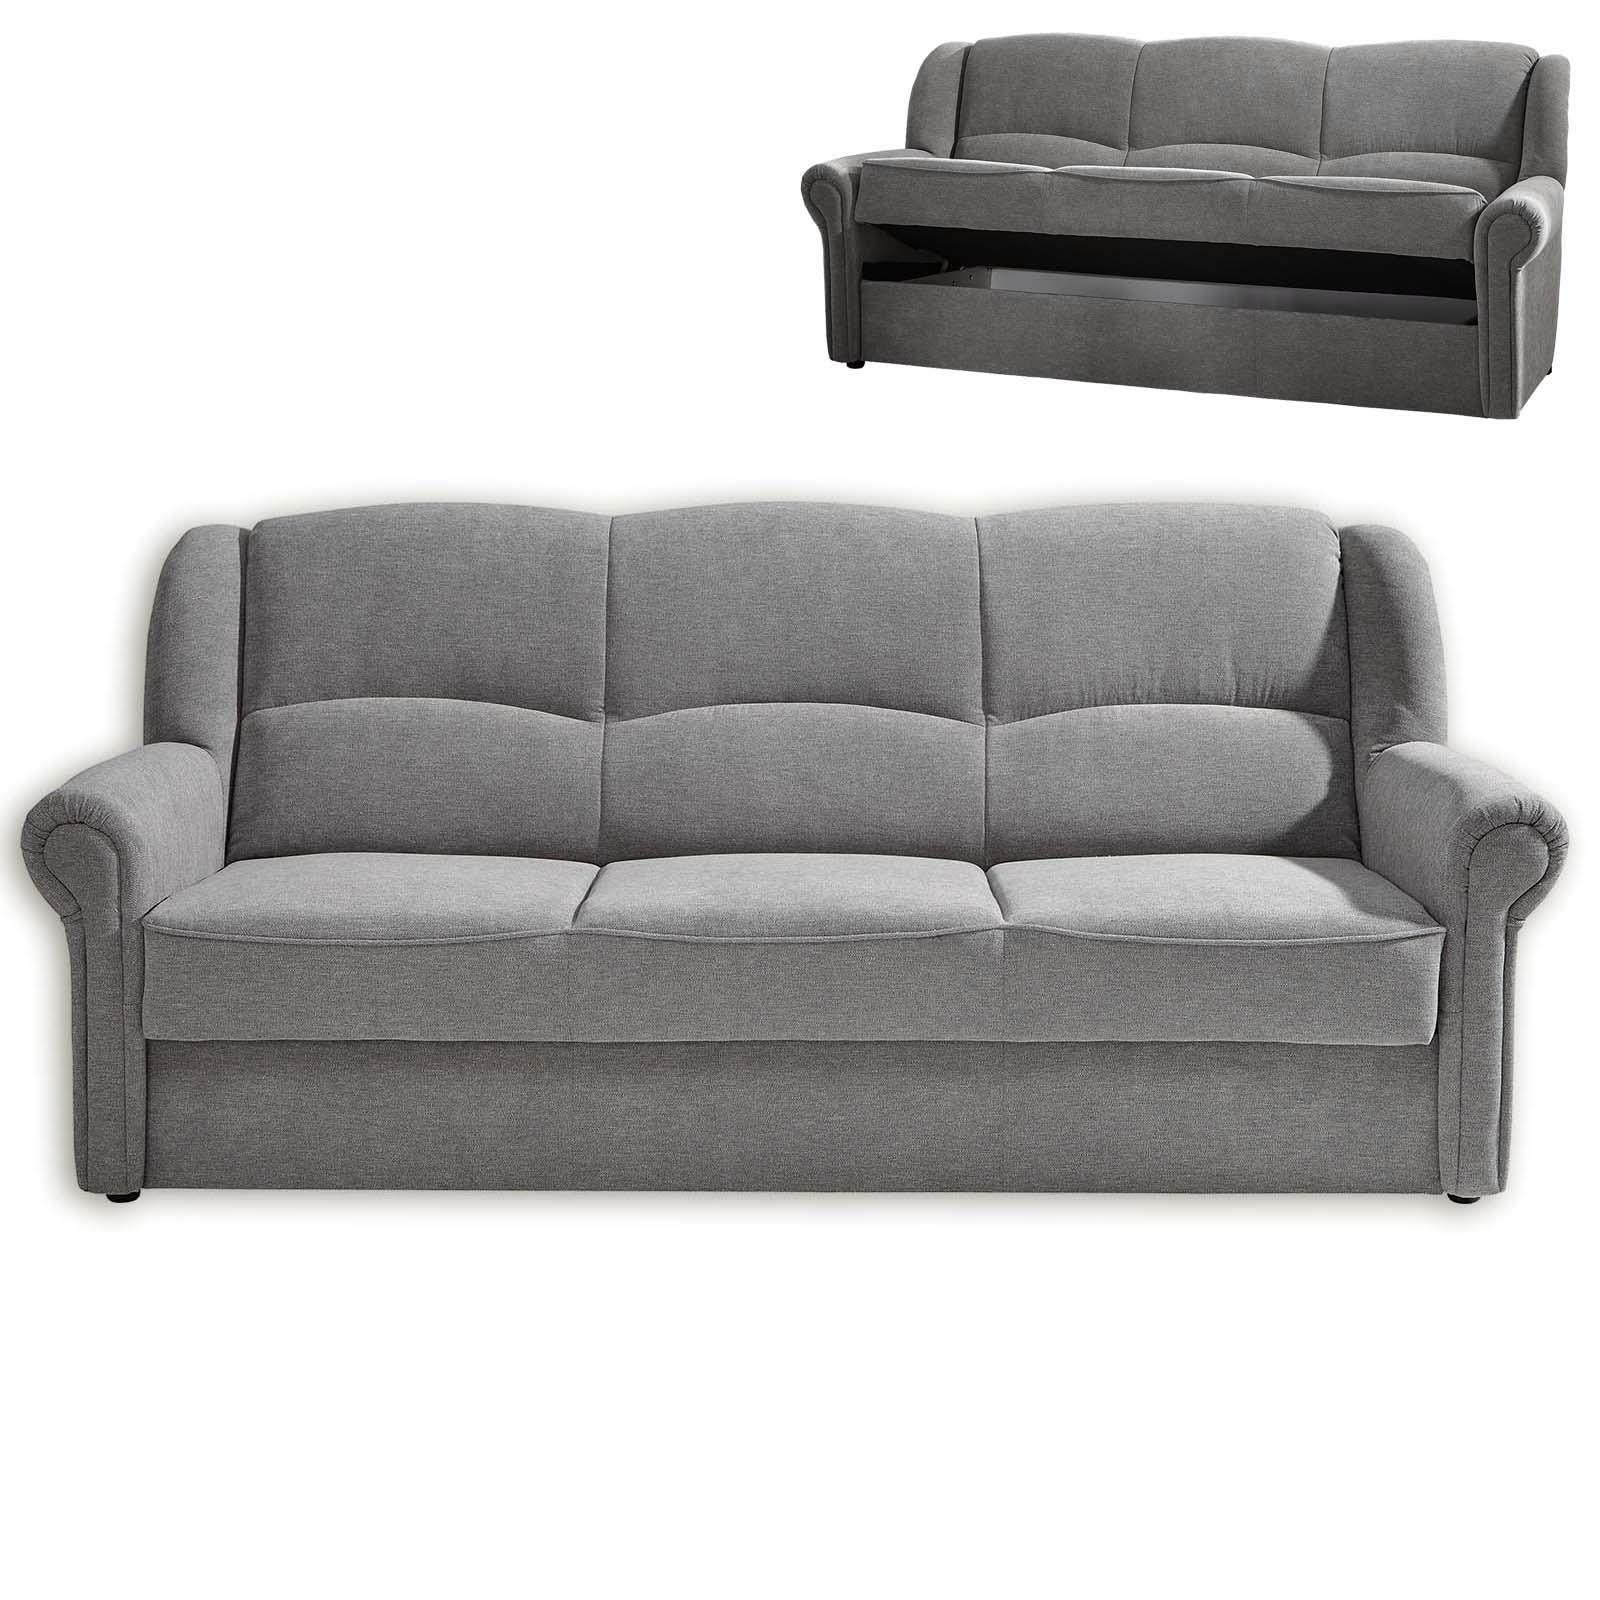 Full Size of 3 Sitzer Sofa Taupe Flachgewebe Kippfunktion Online Bei Günstig Kaufen Tom Tailor 2 Mit Schlaffunktion Reinigen Grau Leder Big Hocker Relaxfunktion 2er Ewald Sofa 3 Sitzer Sofa